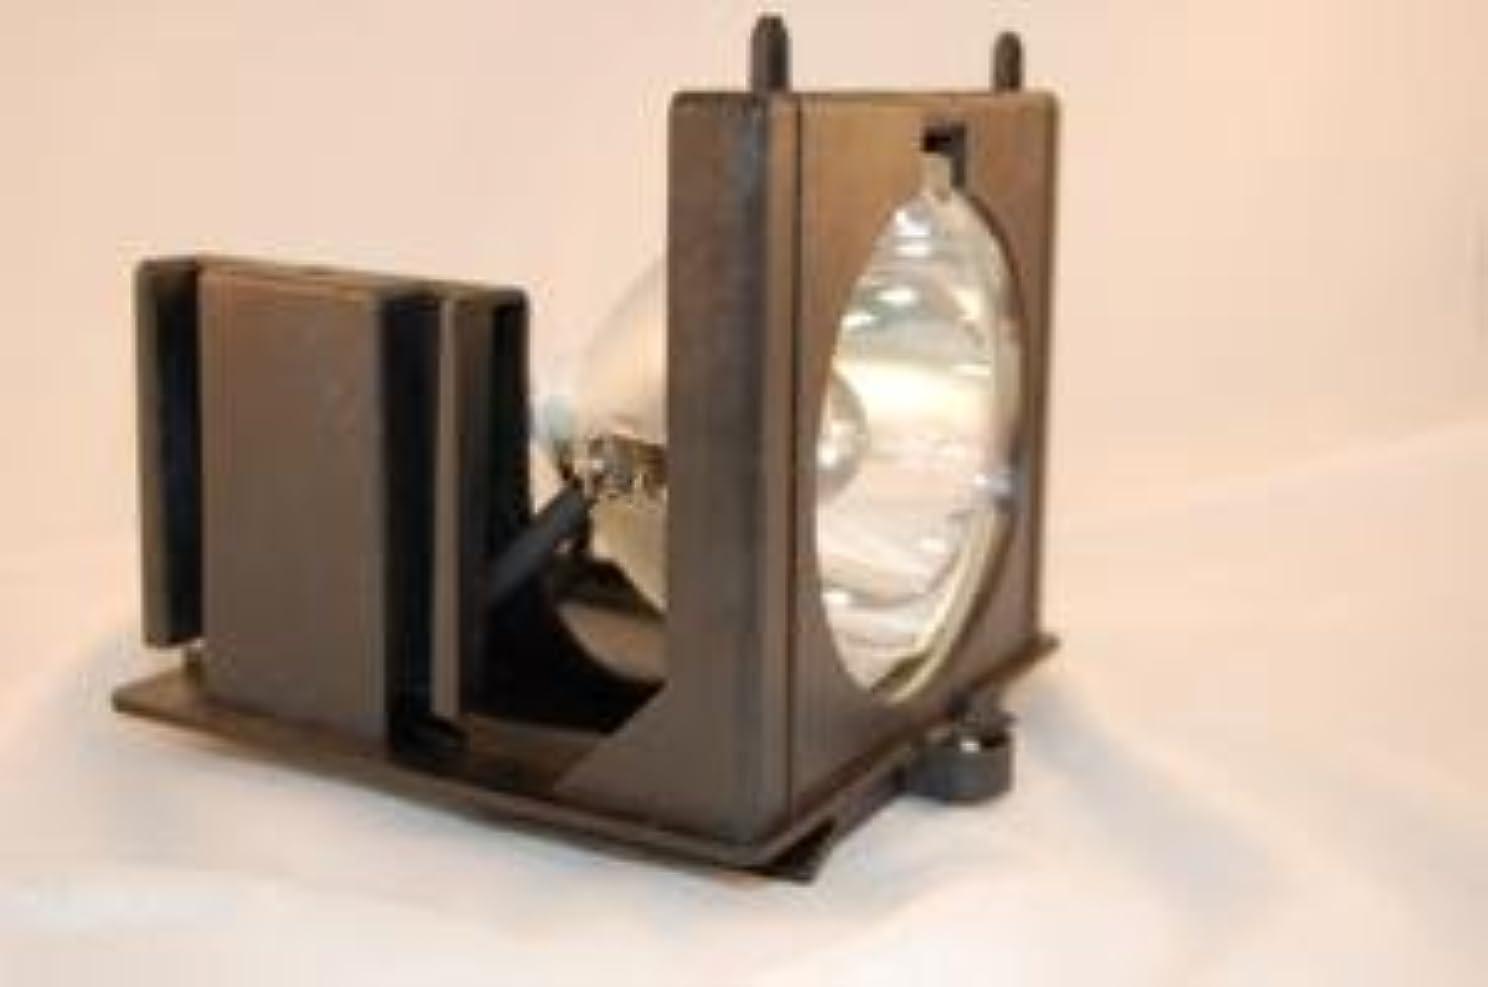 性能空の余計なRCA HD50LPW162YX3 リアプロジェクタテレビランプ ハウジング付き - 高品質交換用ランプ